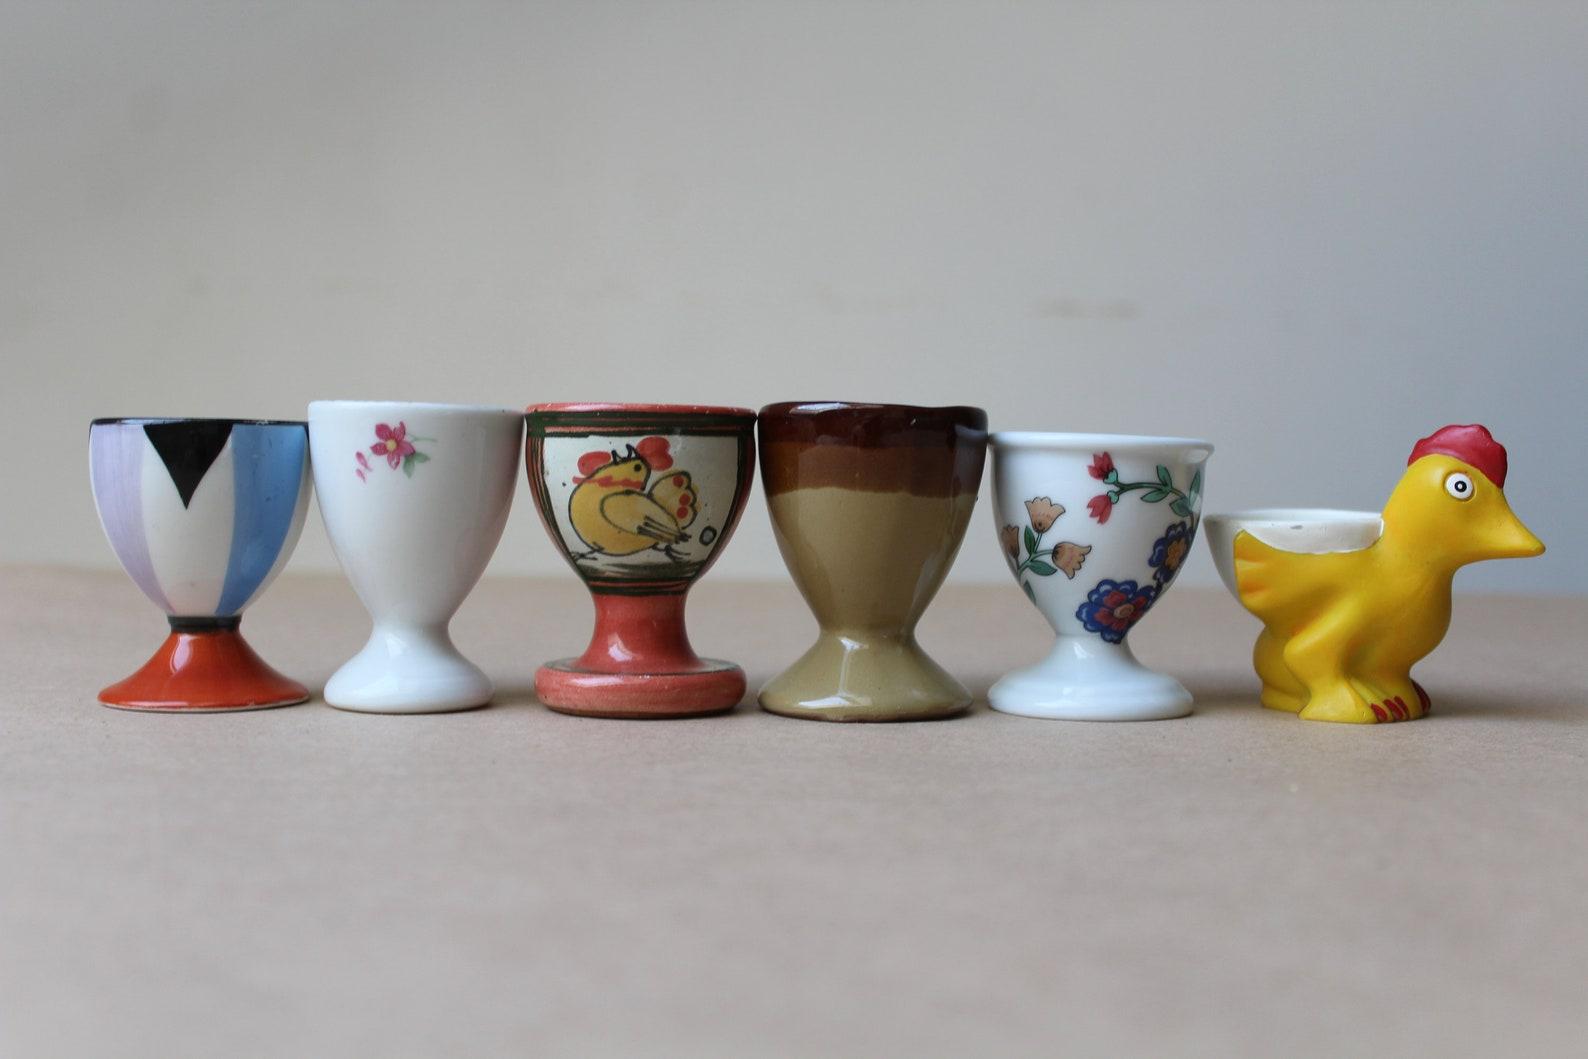 Set of 6 Egg Cups, 1970 Vintage GDR France East German pottery